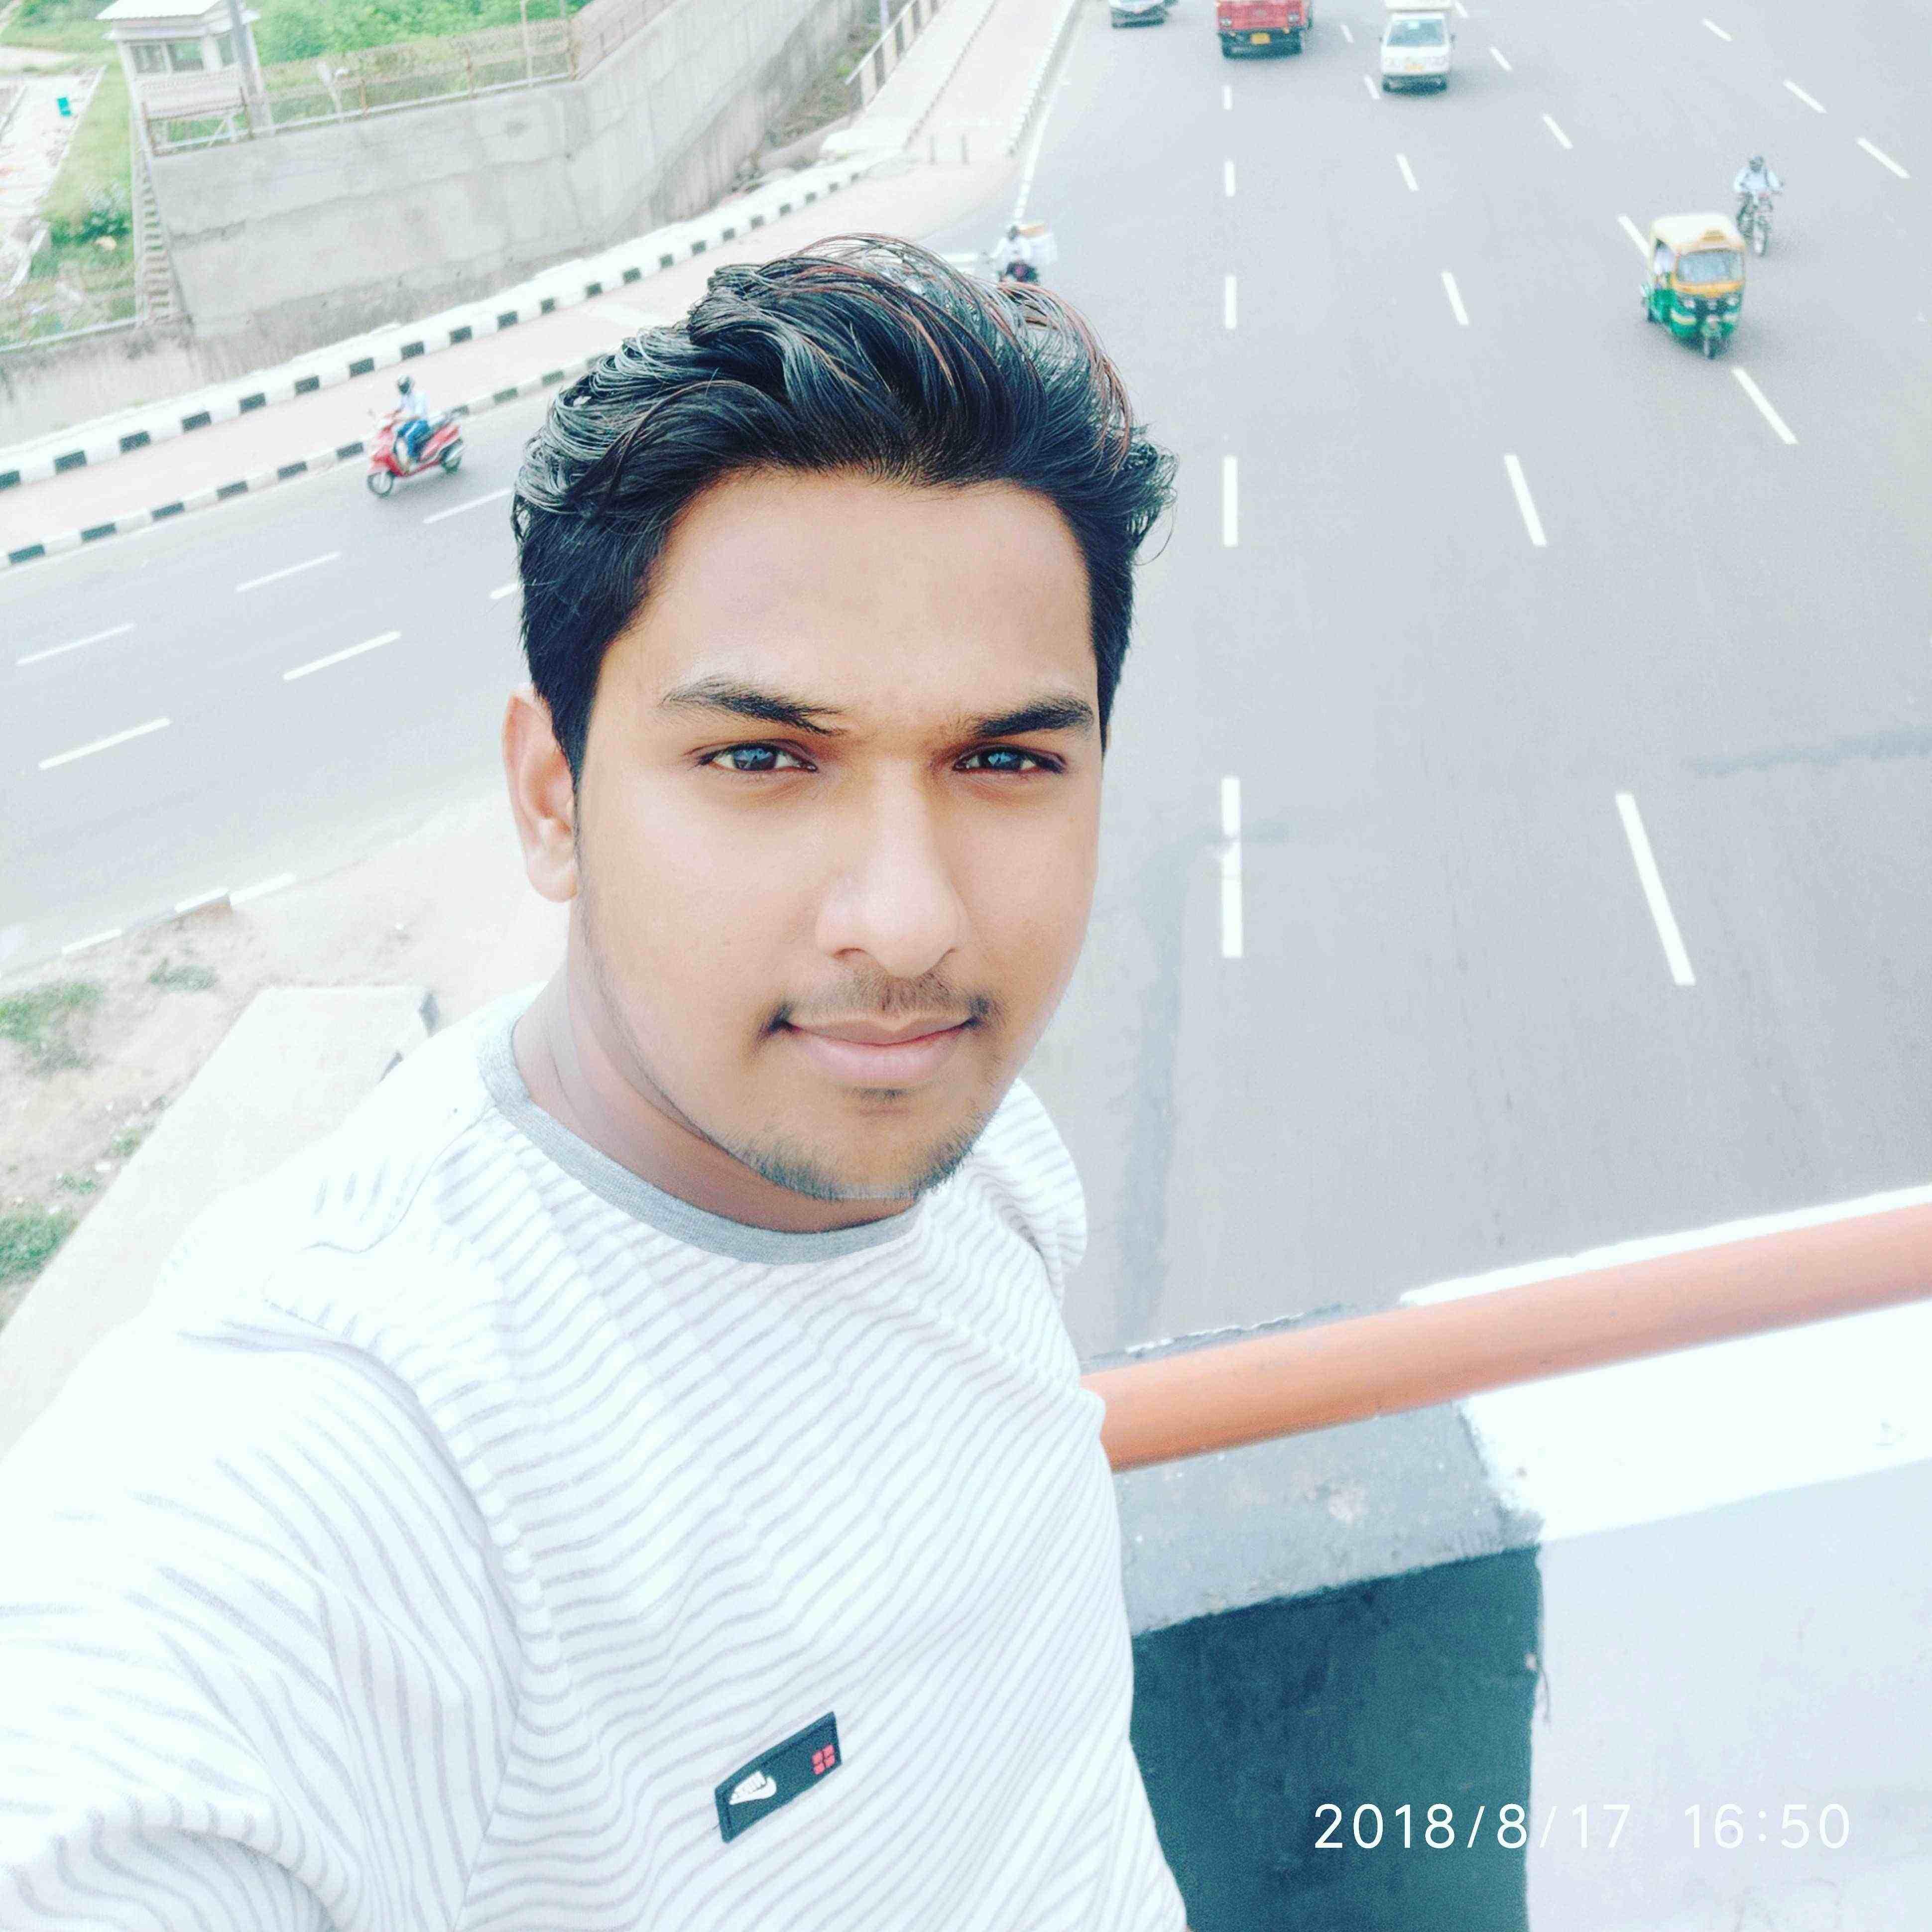 Raaz Mishra